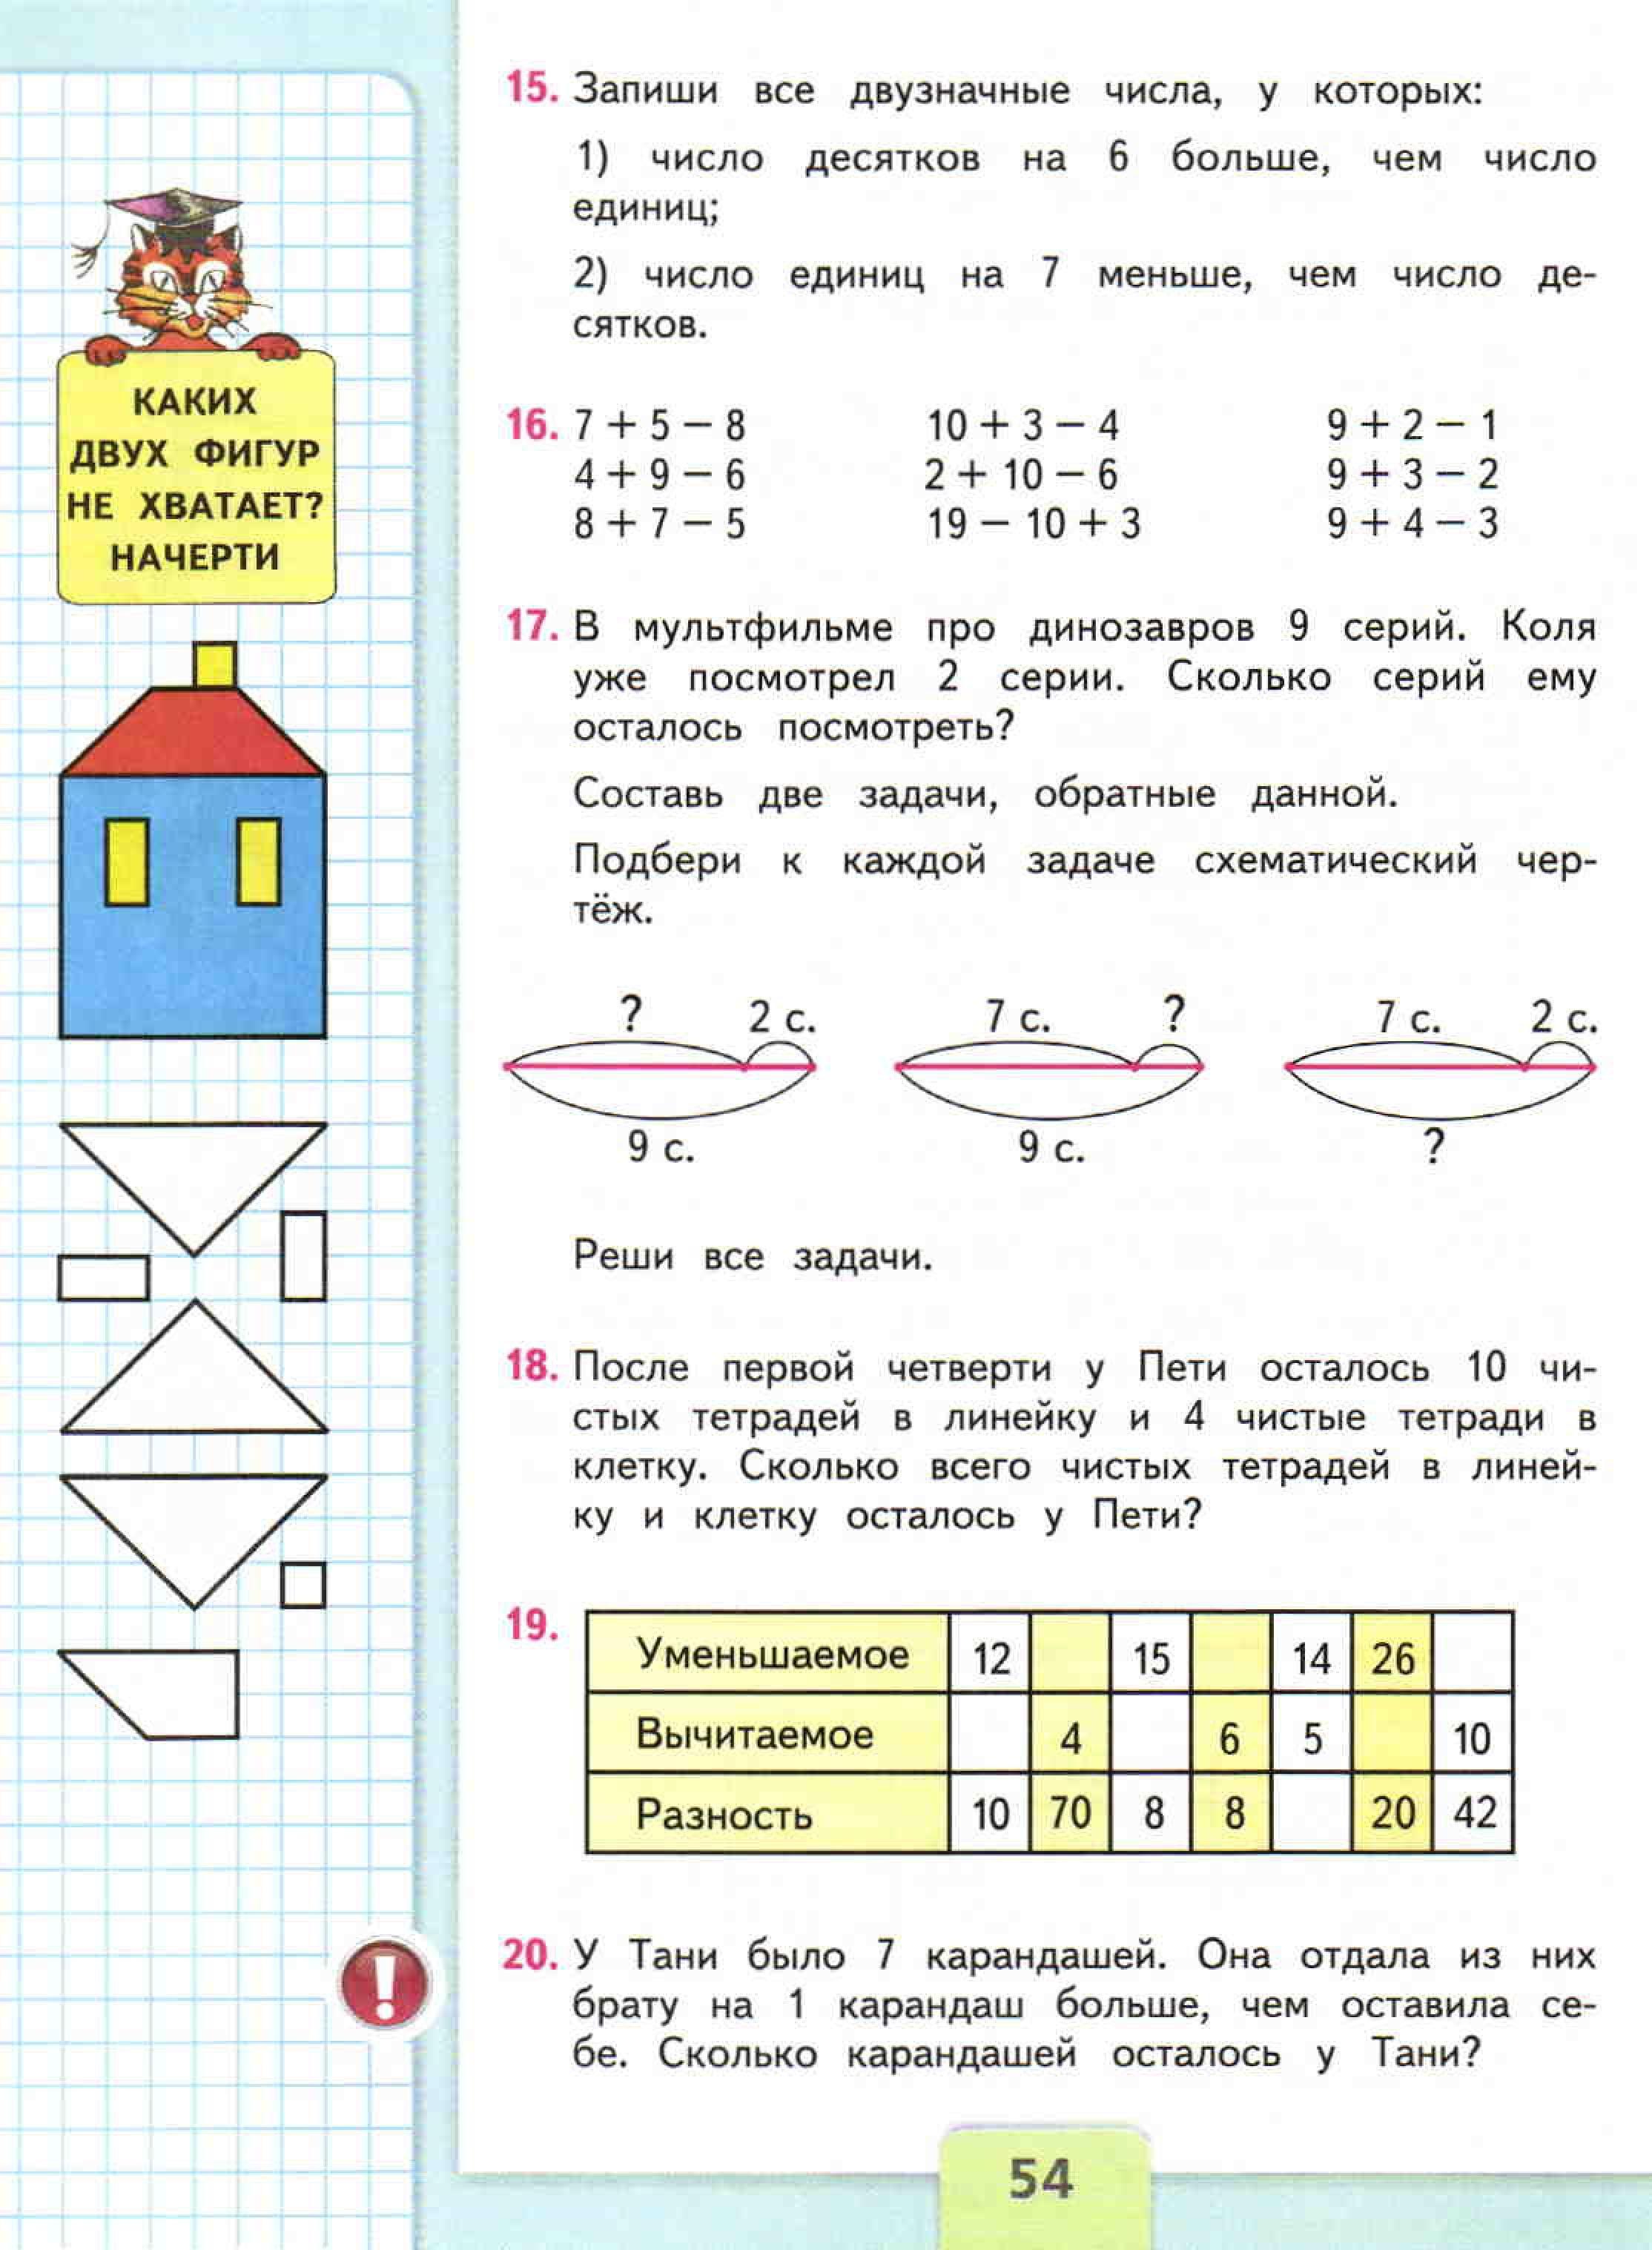 Скачать бесплатно контрольно-измерительные материалы фгос 2 класс математика